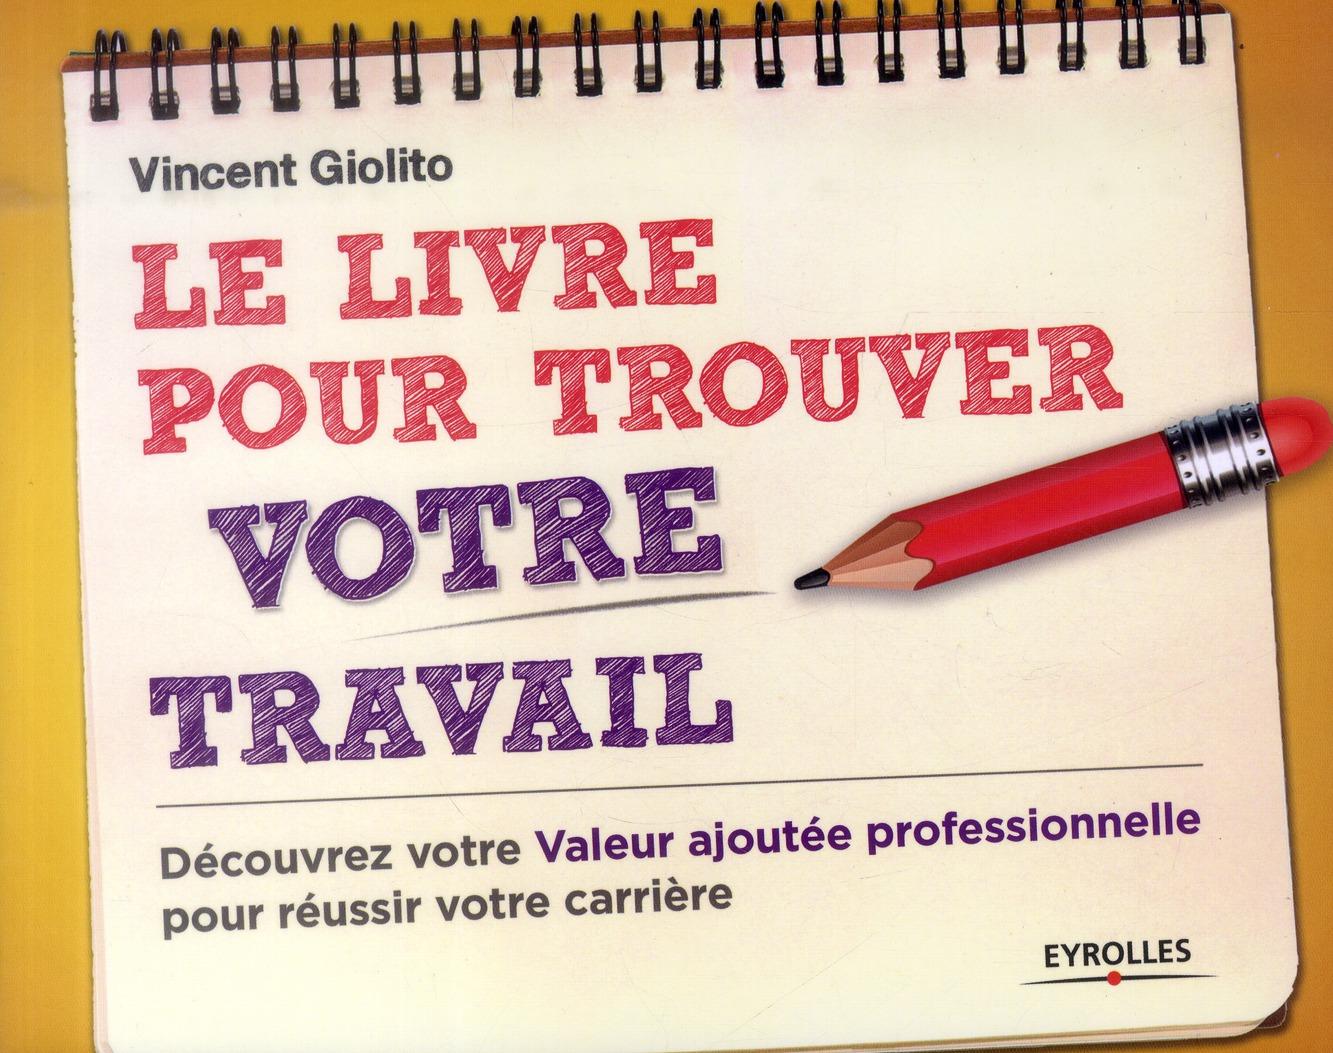 Le Livre Pour Trouver Un Travail ; Decouvrez Votre Valeur Ajoutee Professionnelle Pour Ameliorer Votre Carriere